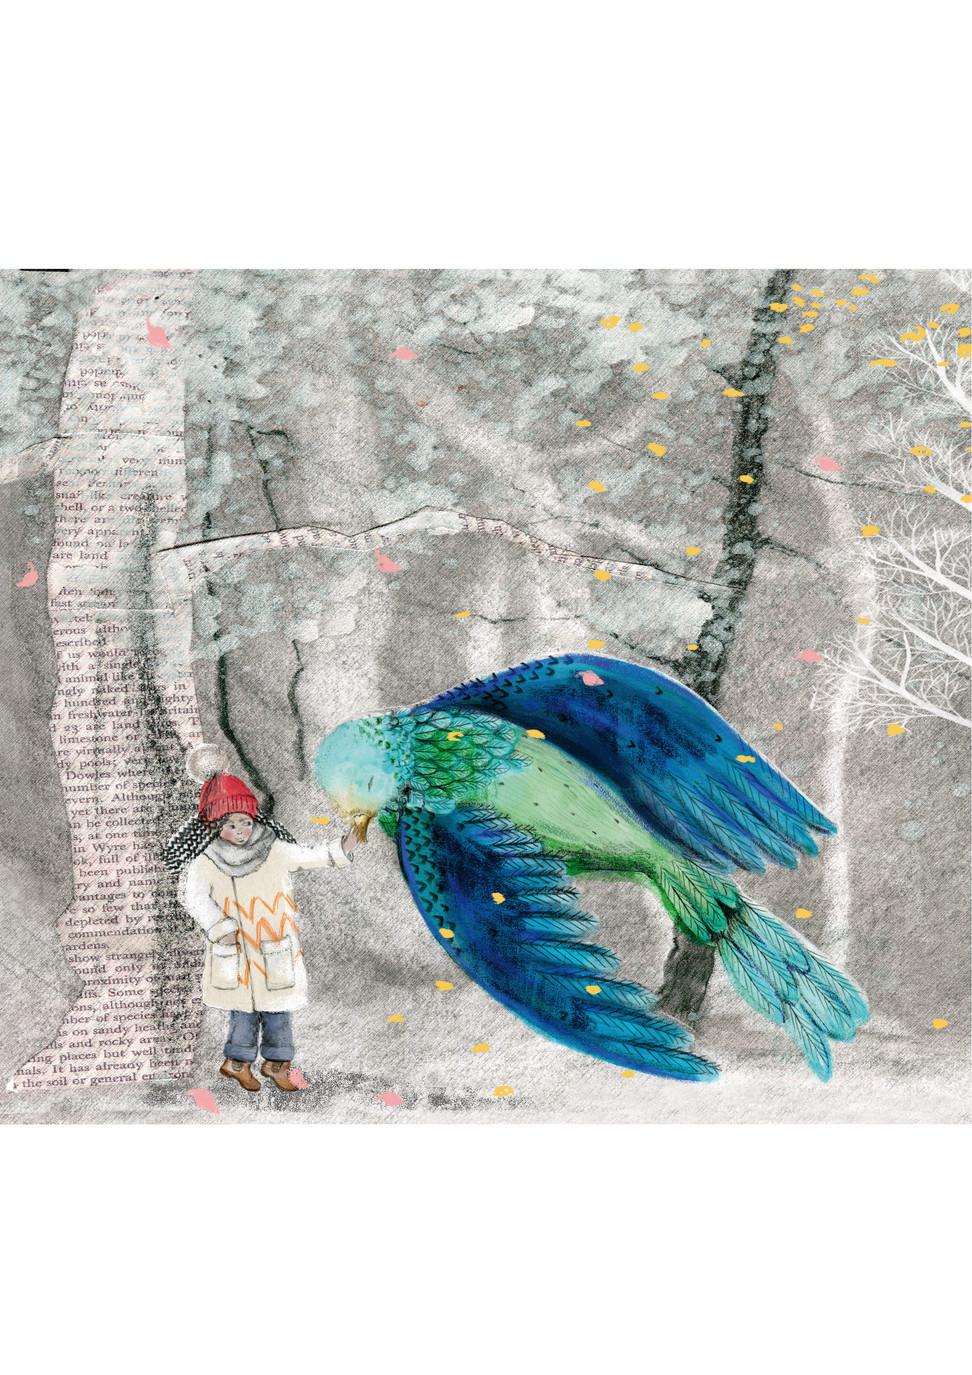 Giant bird meeting1 for P.jpg